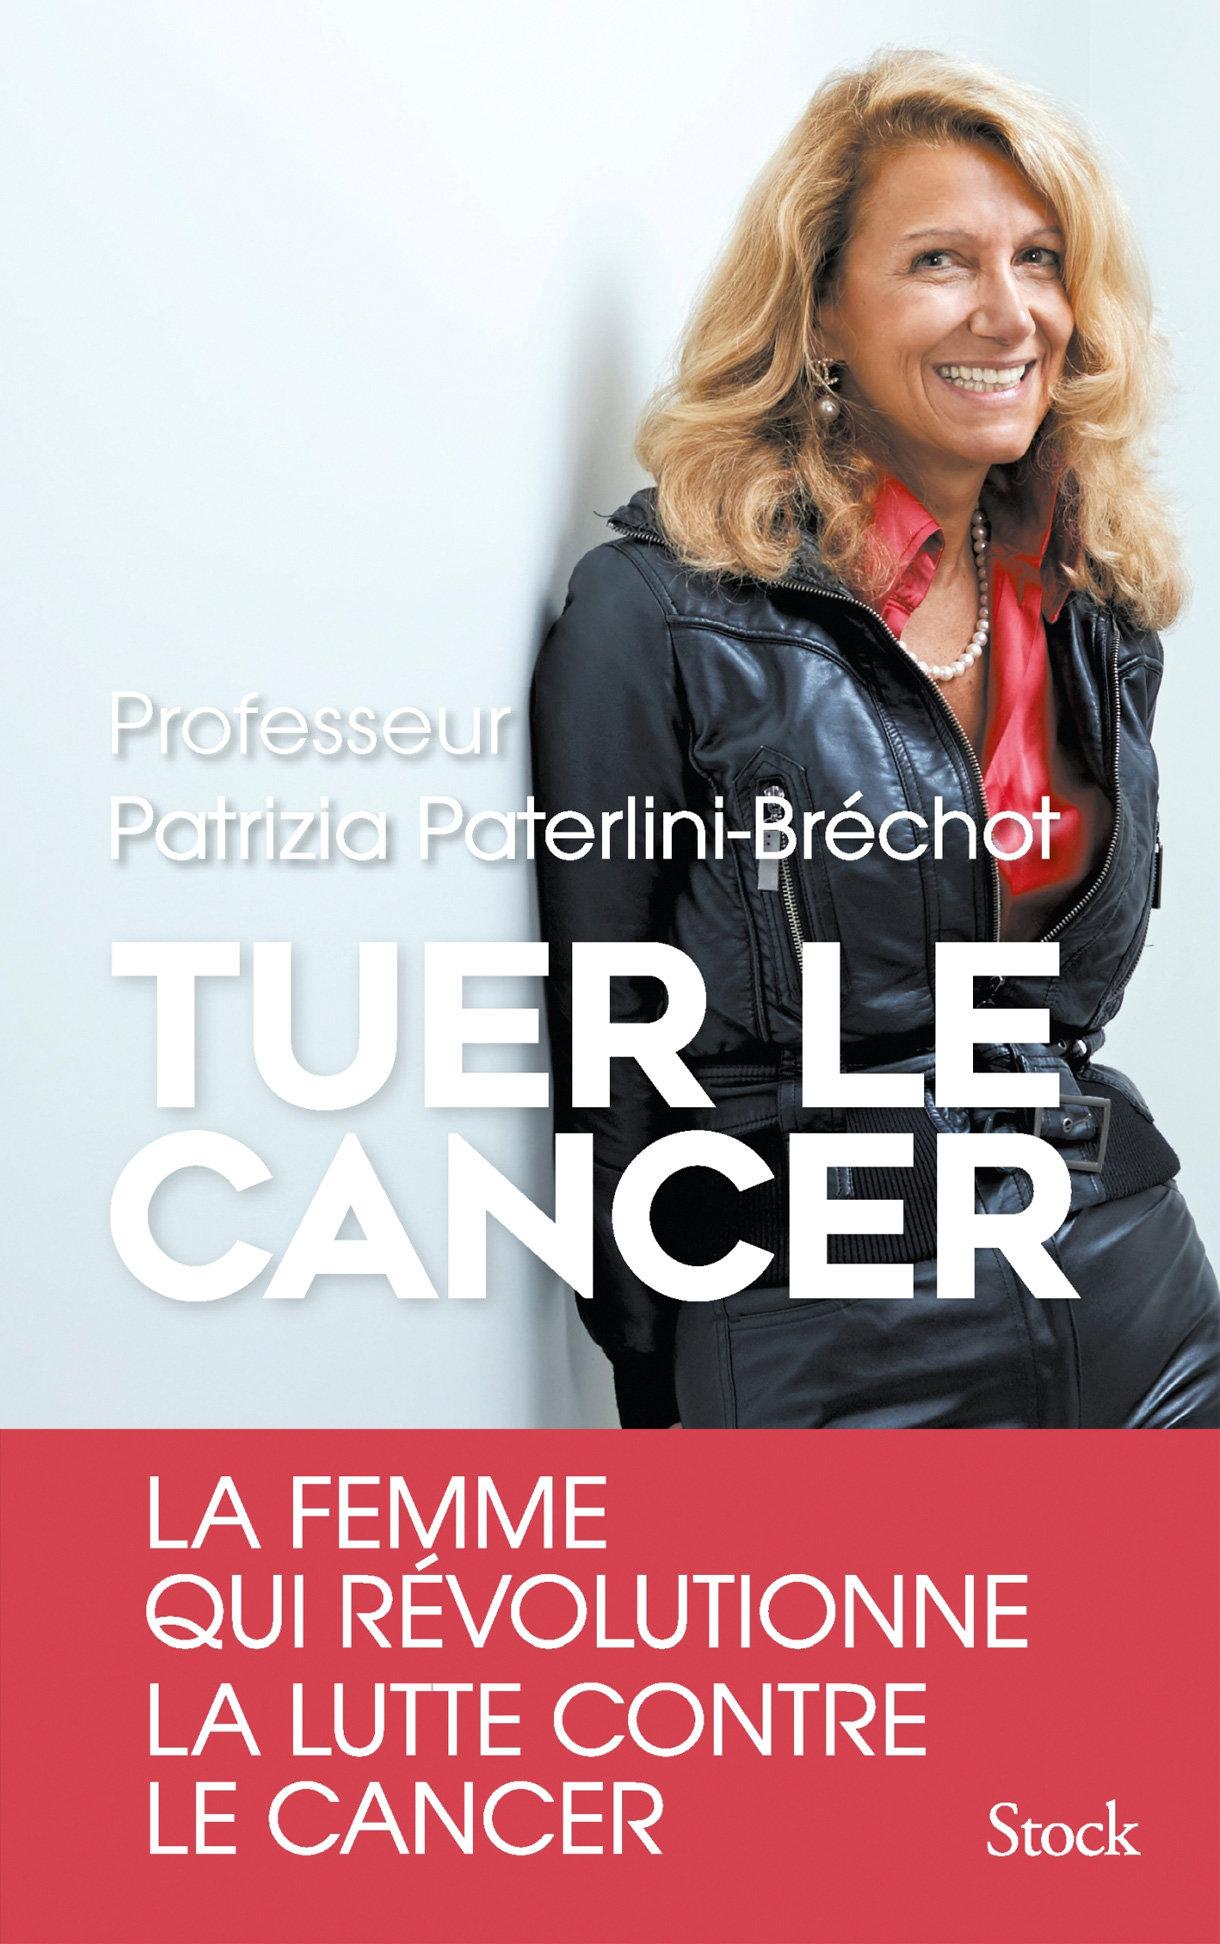 télécharger Tuer le cancer. Patrizia Paterlini-Bréchot